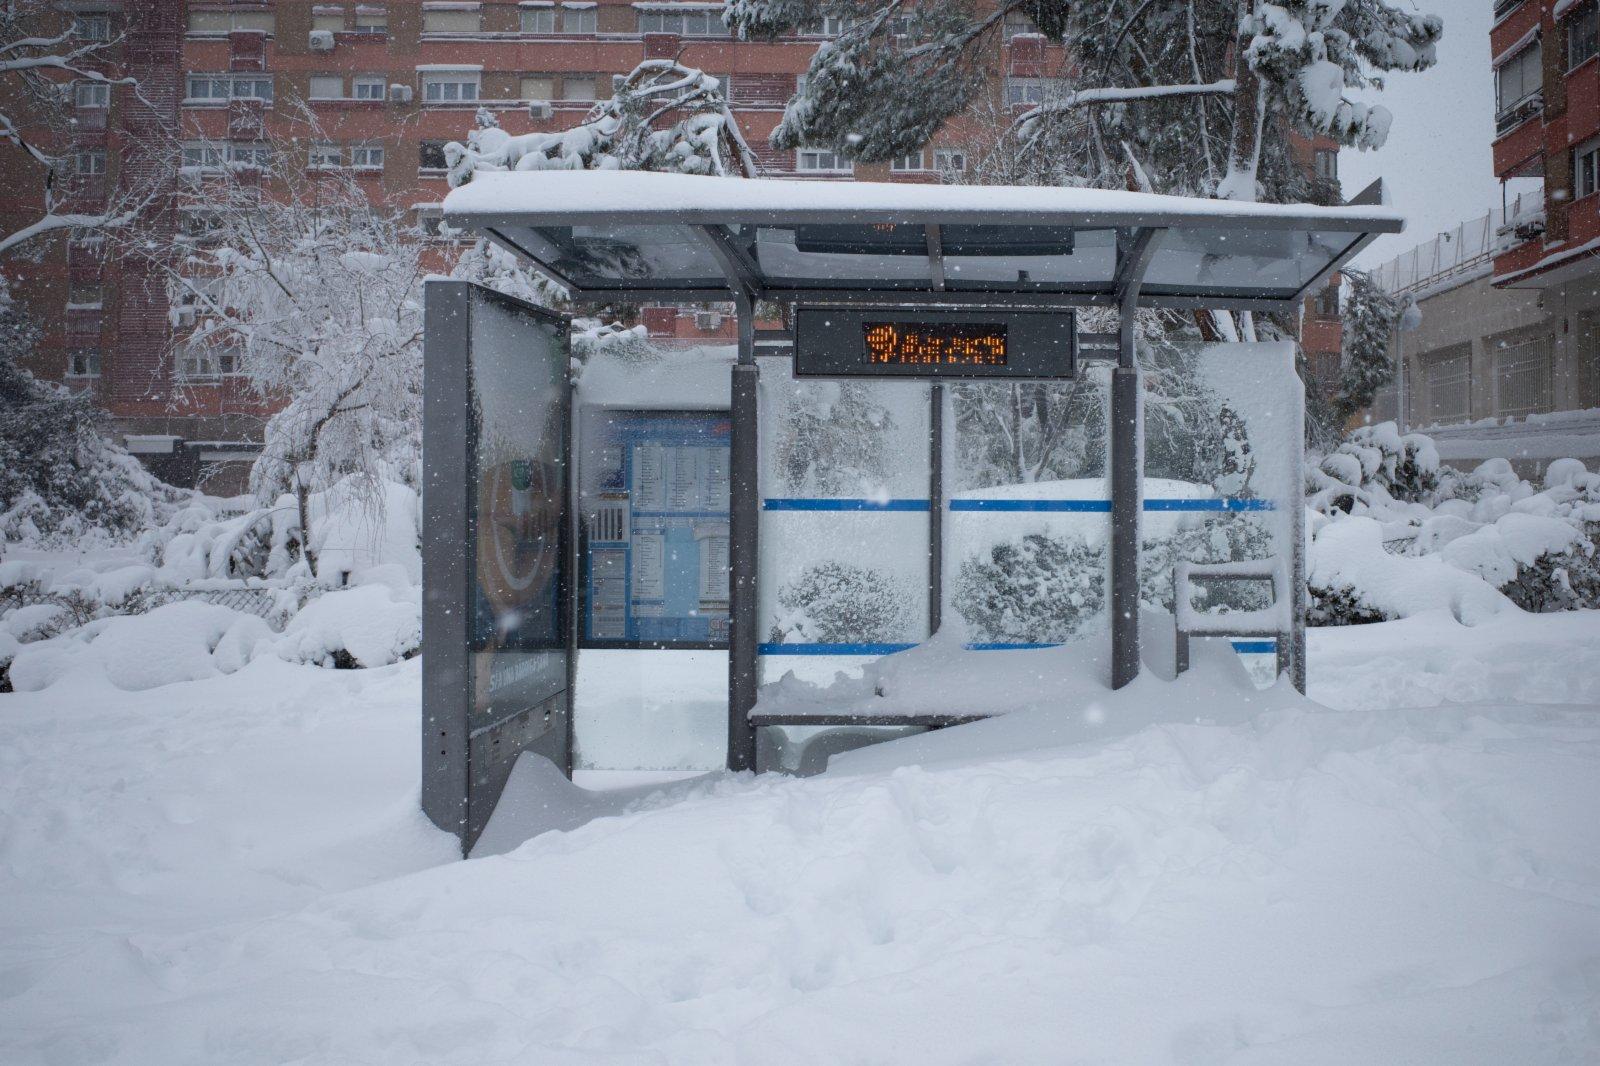 這是1月9日在西班牙馬德里拍攝的一處被雪掩埋的公交站台。